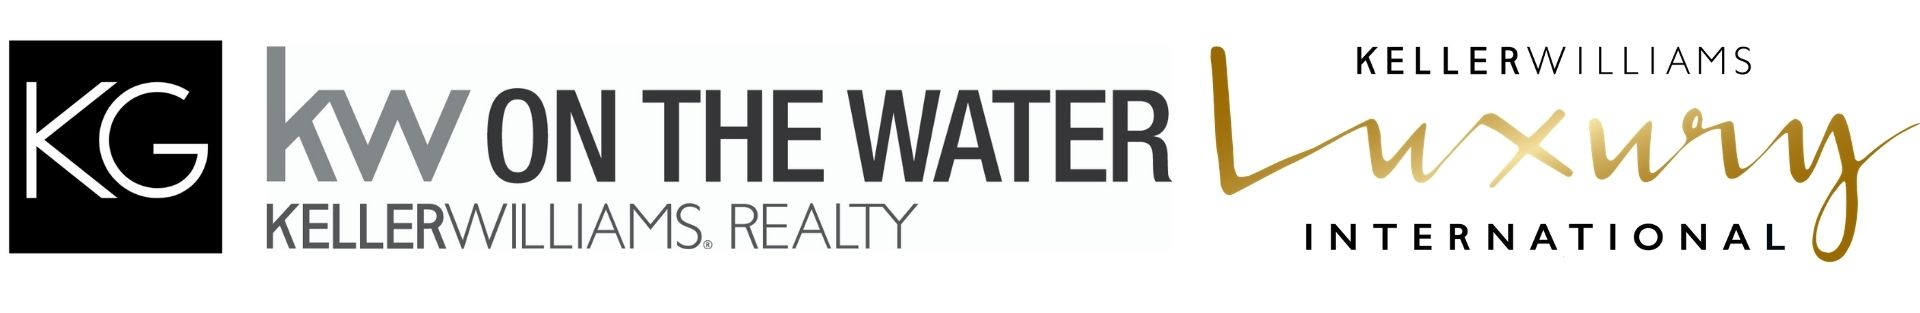 The Gitt Team KW on the Water logo